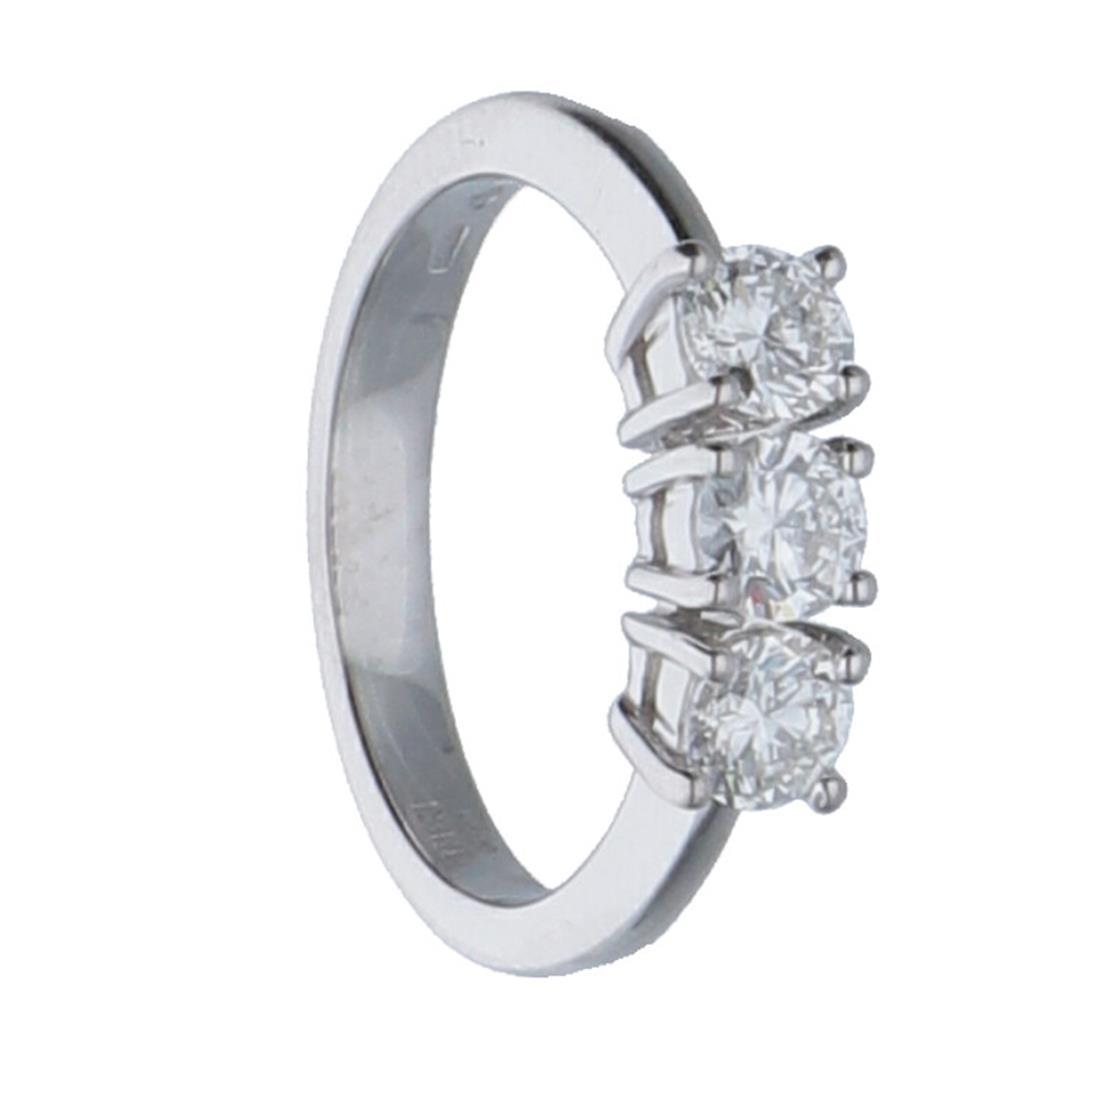 Anello trilogy in oro bianco con diamanti mis 13.5 - ALFIERI & ST. JOHN